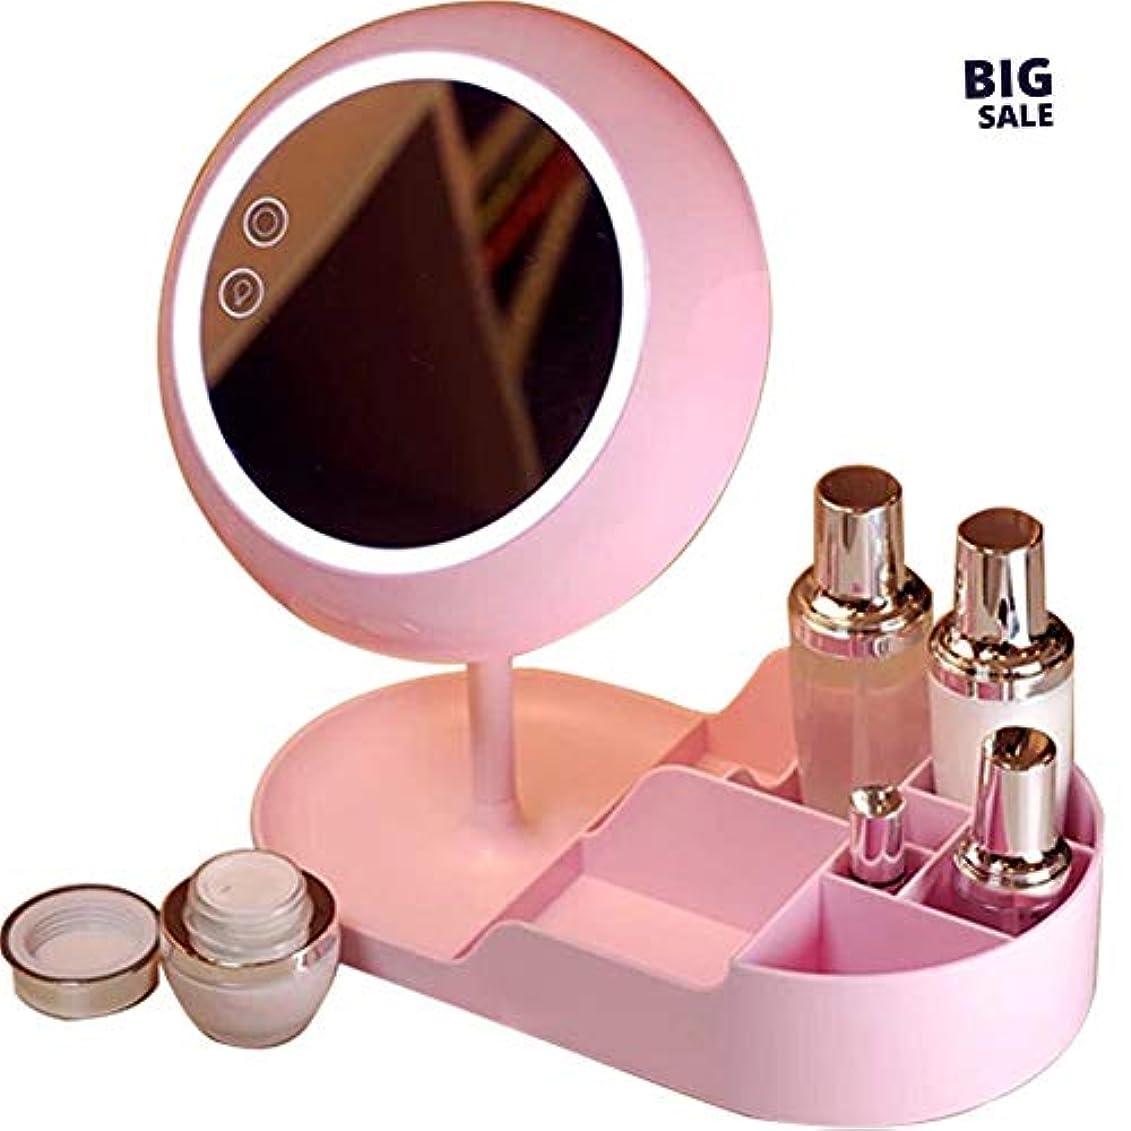 お手伝いさん大使館荒涼としたNICEE創造的な化粧鏡充電式美容化粧鏡、タッチデュアル電源、化粧品収納ボックス化粧鏡NICEY